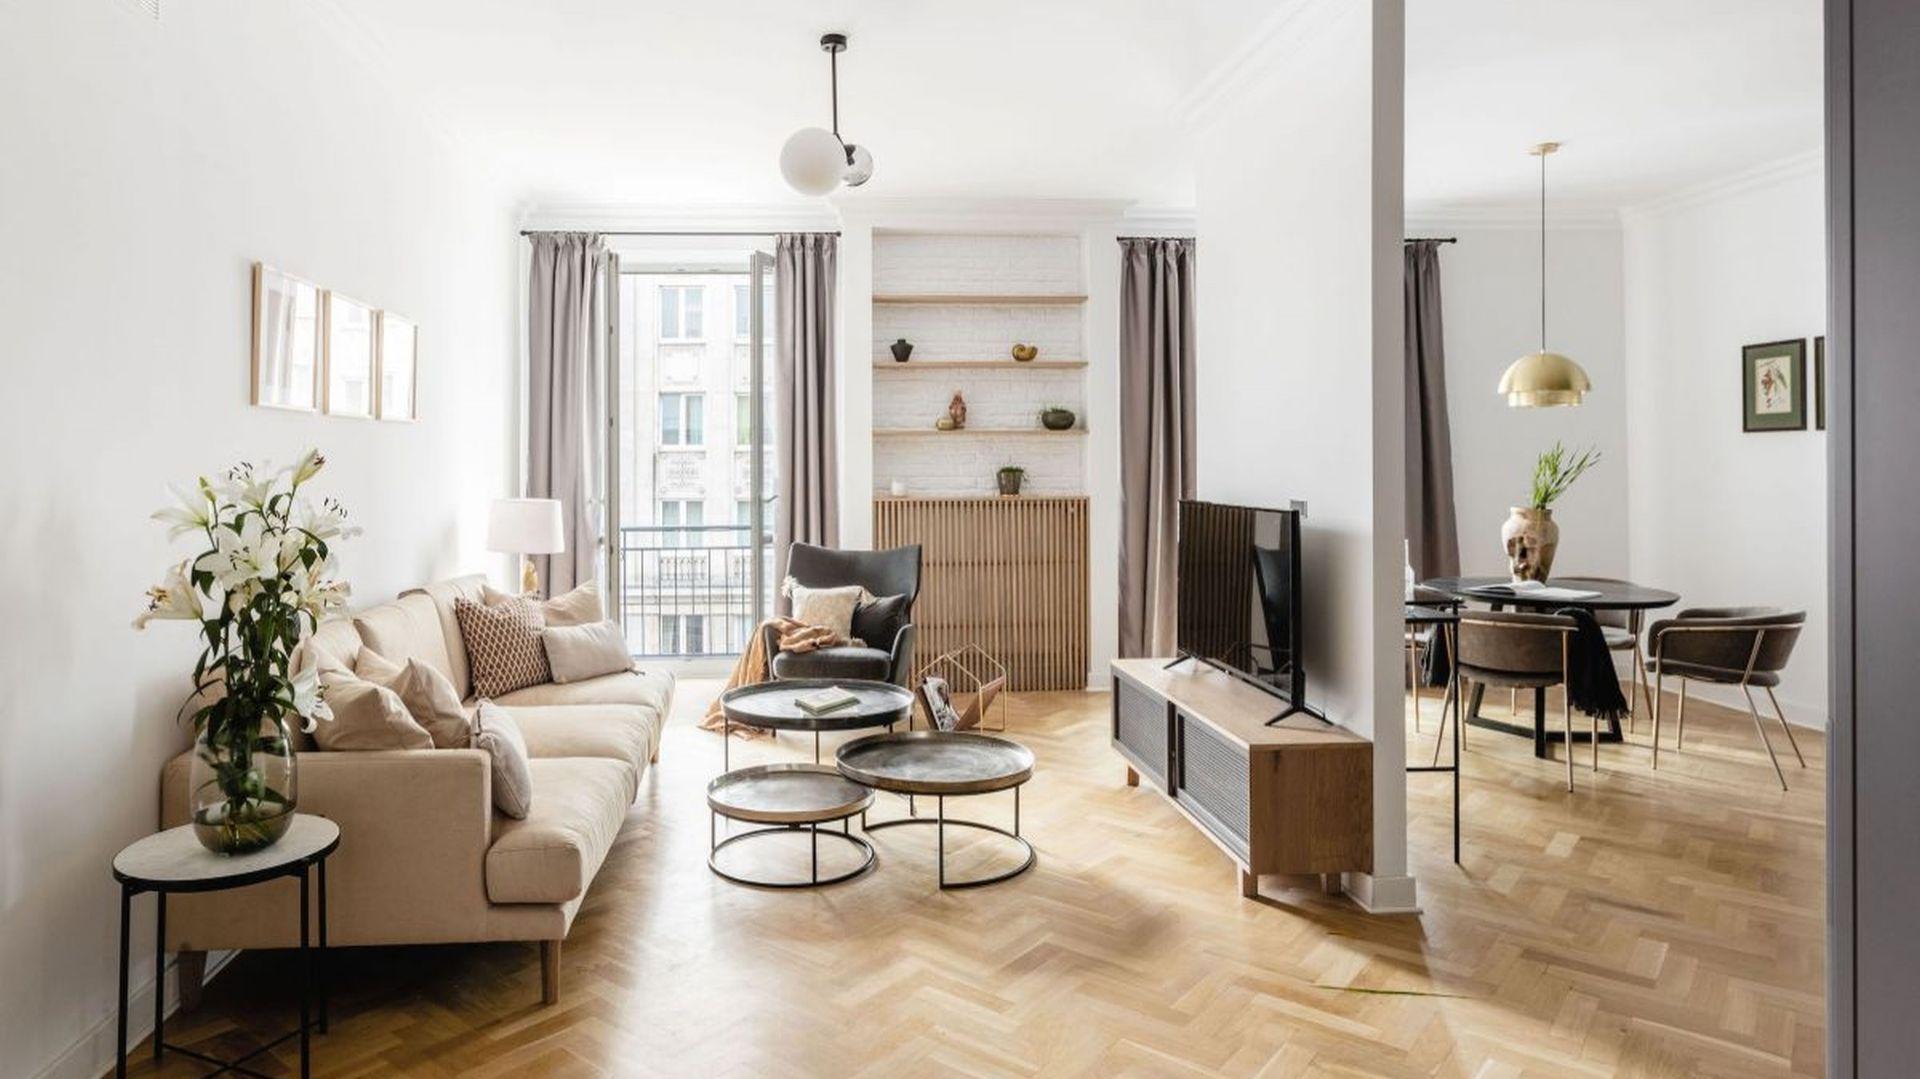 Główną rolę w tym mieszkaniu grają łagodne kolory i starannie wybrane meble. Fot. Dziurdzia Projekt